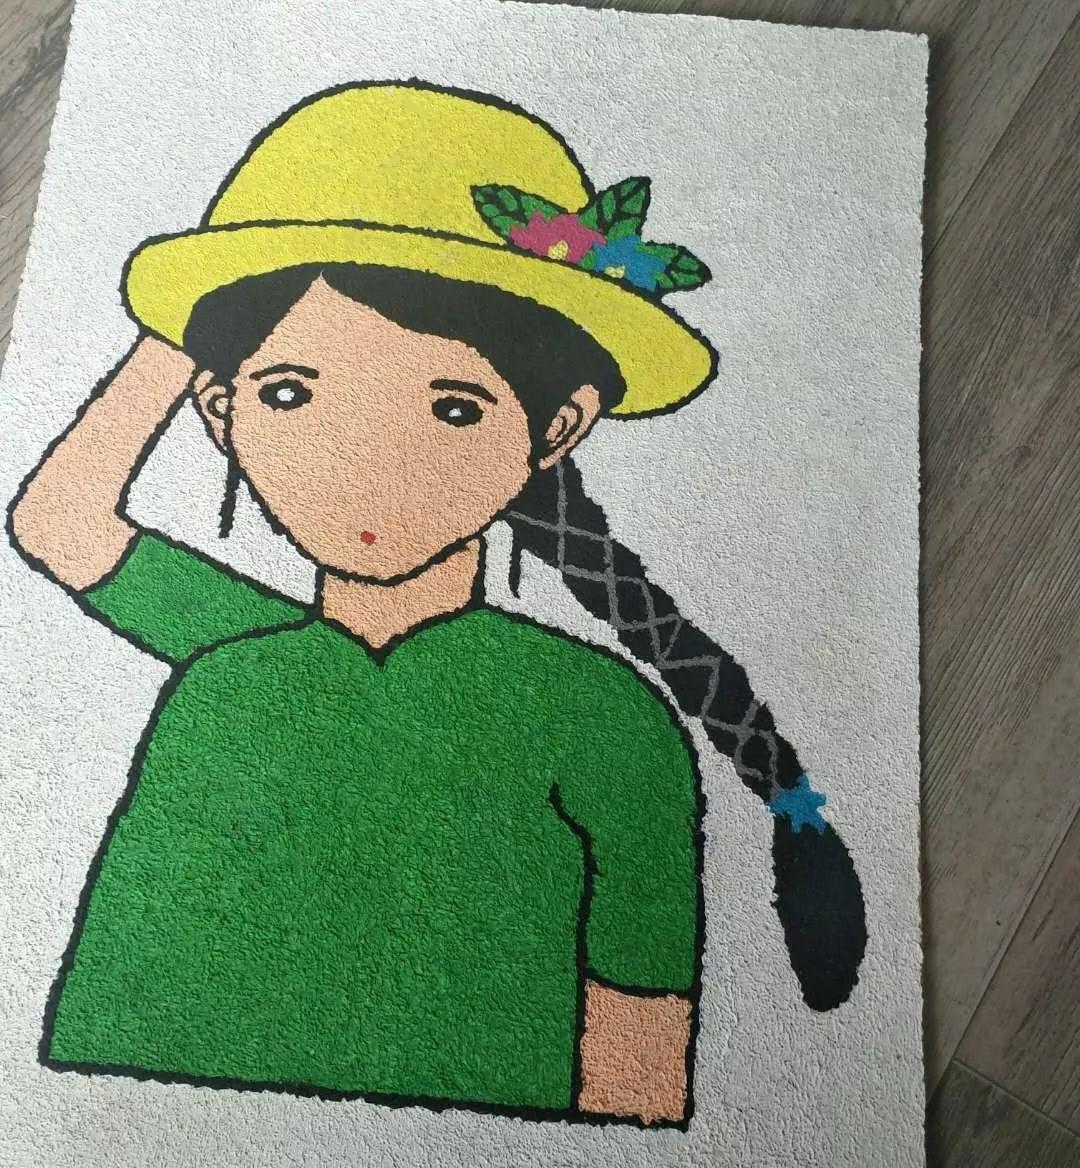 """应聘会计助理,公司却让做""""工艺品"""",贵州女孩懵了!"""